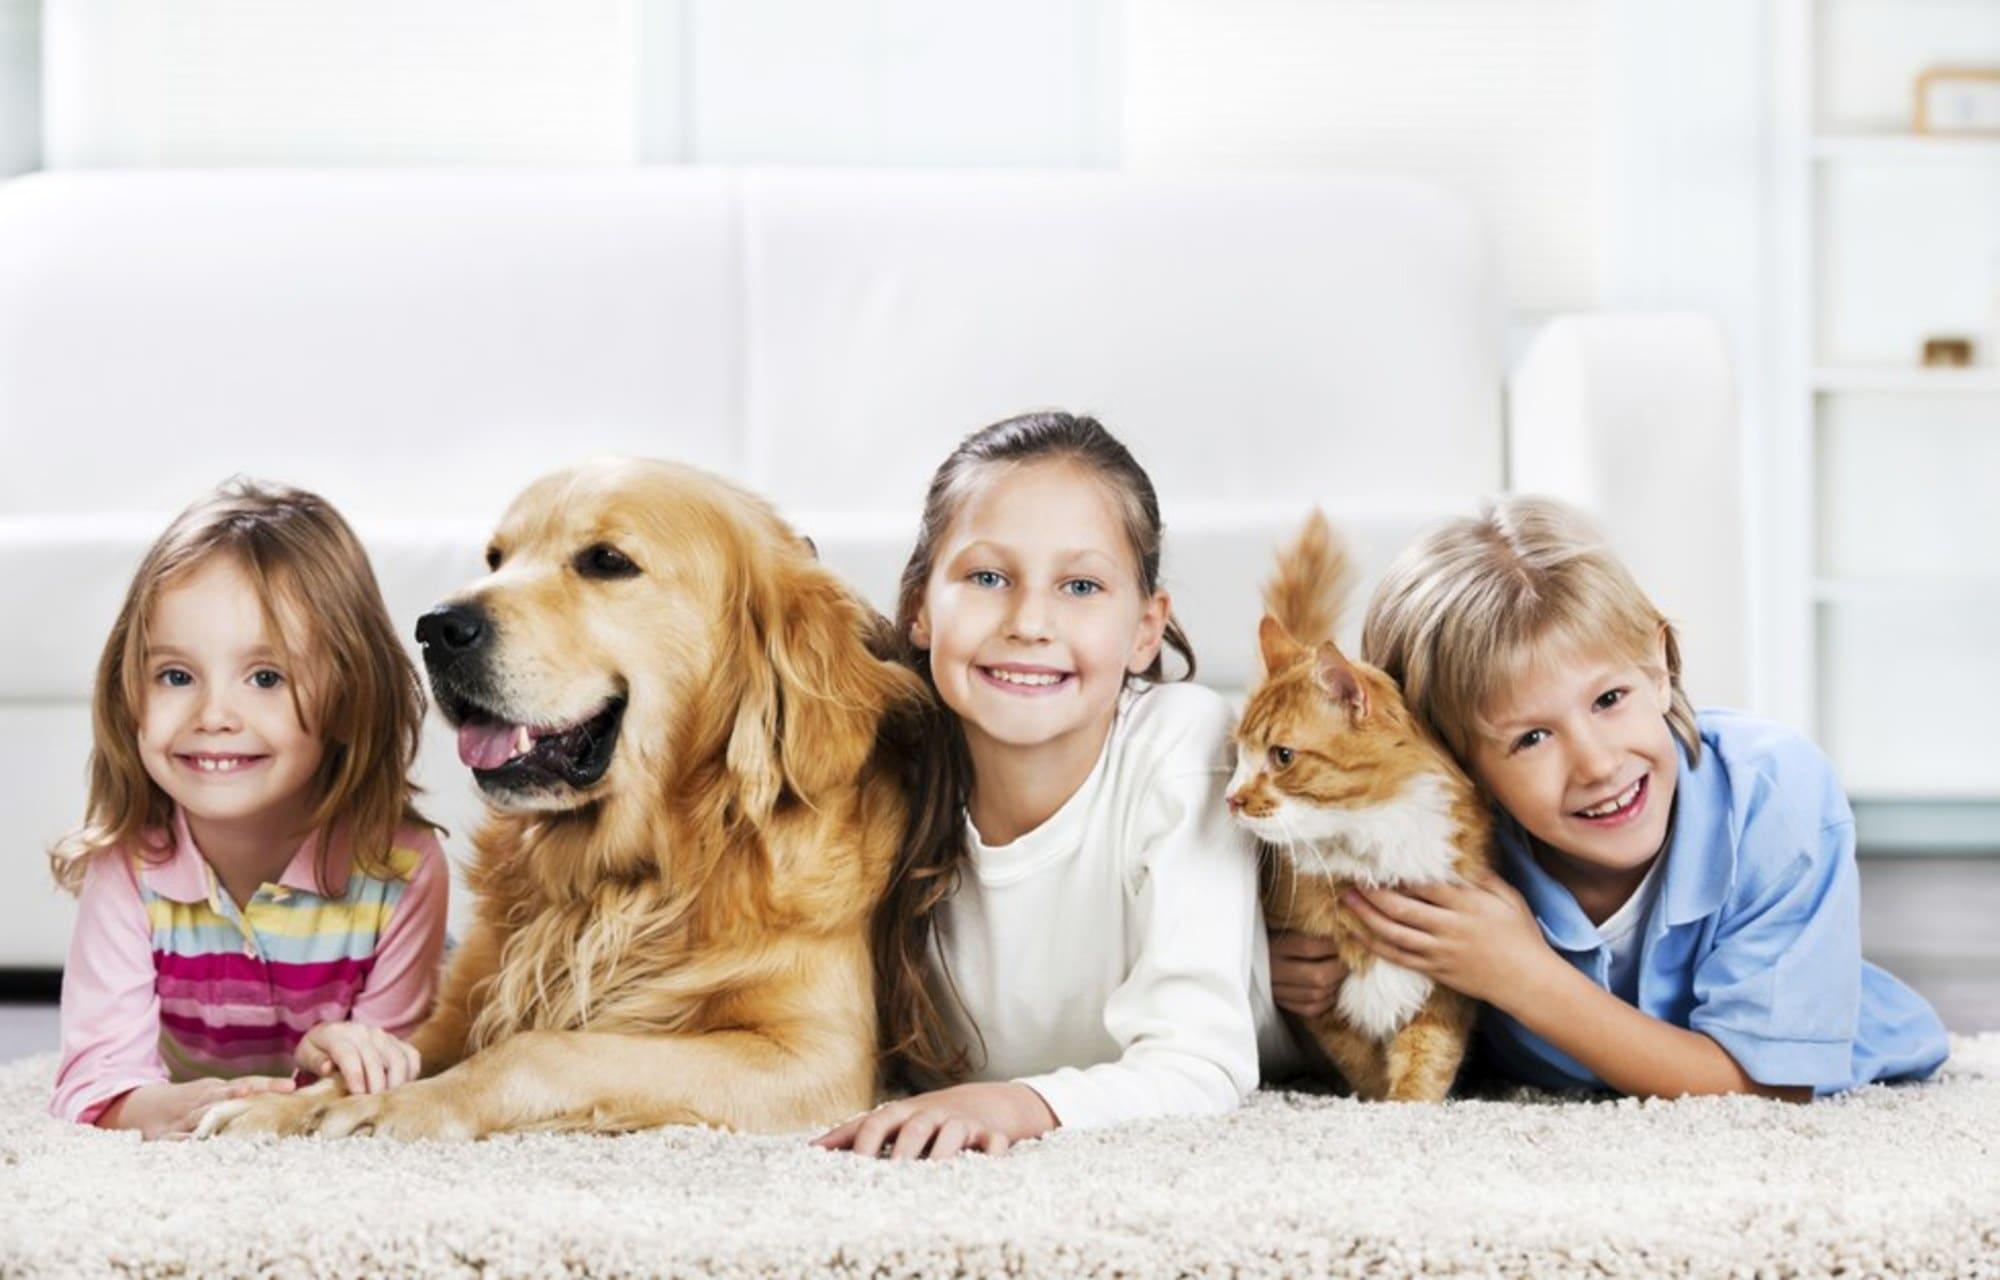 Связь ребенка с домашним питомцем